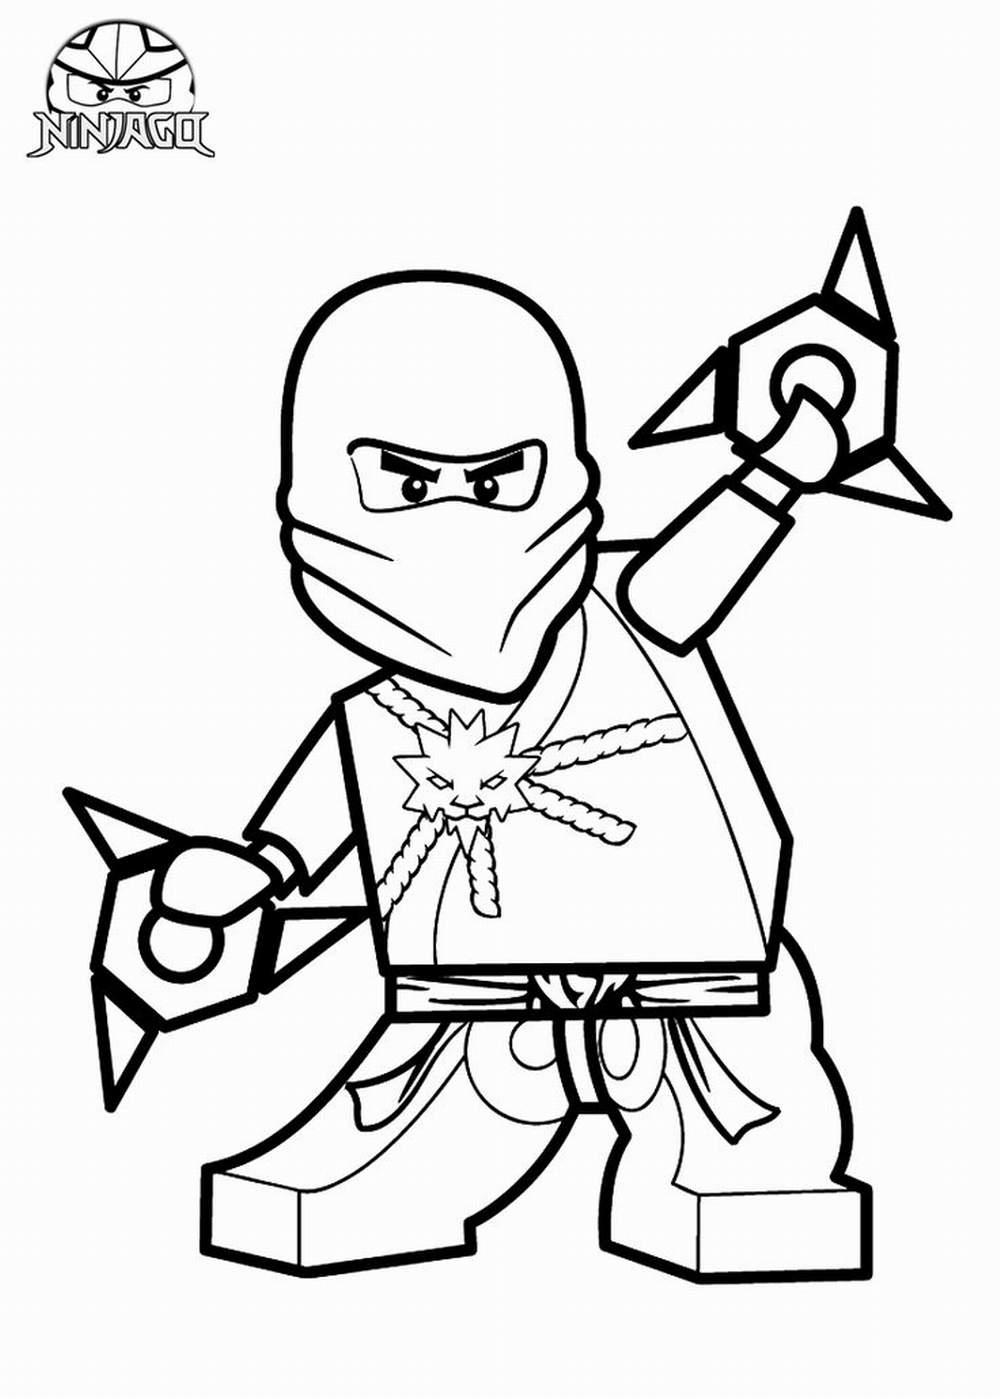 black ninjago coloring pages ninjago coloring pages black coloring ninjago pages